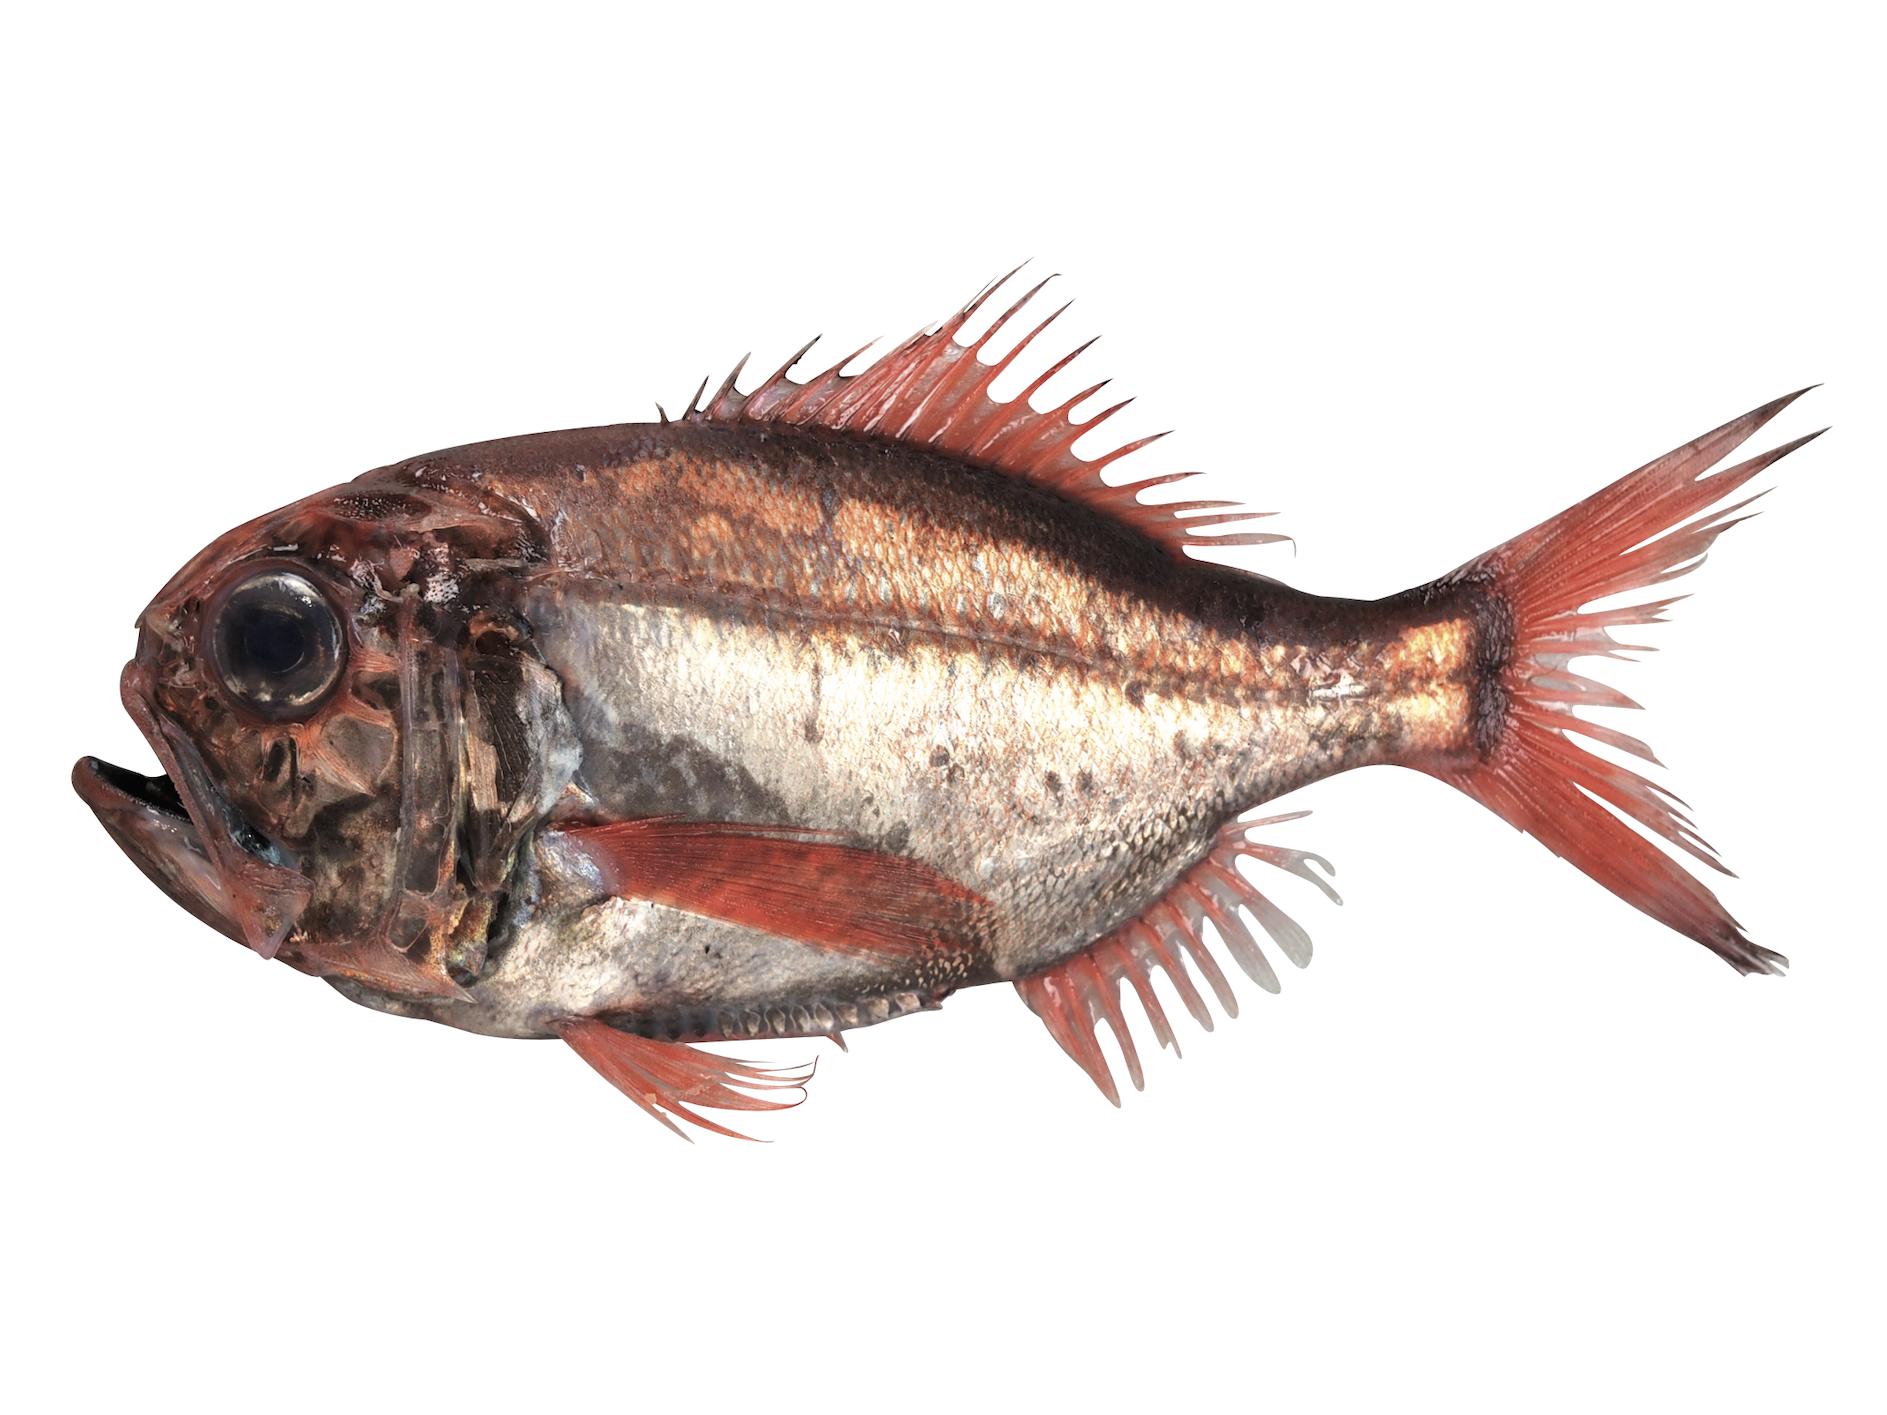 ヒウチダイ ブルータス 魚